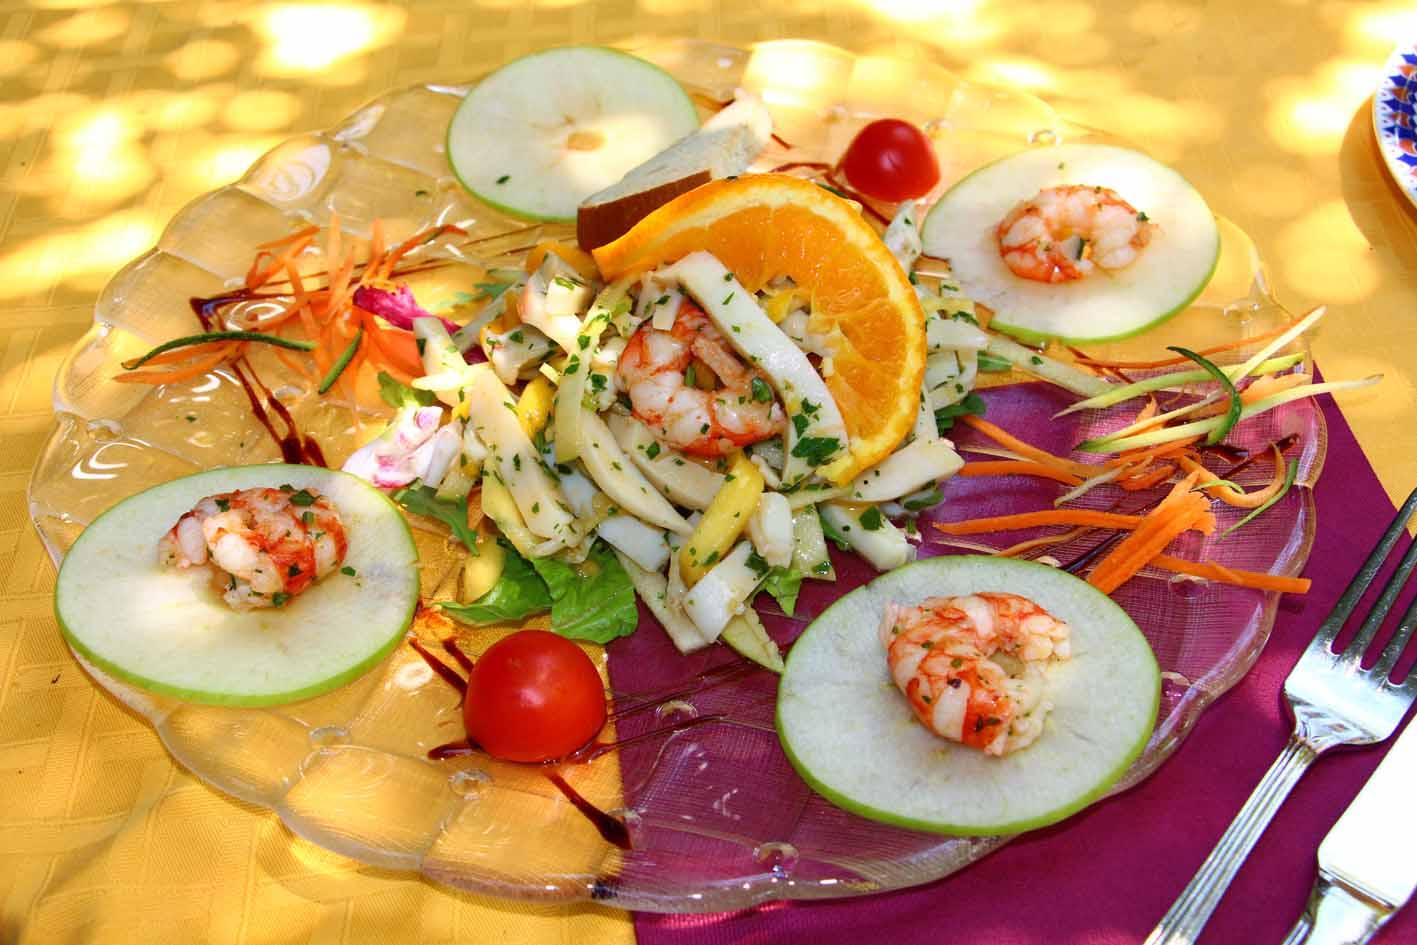 Insalata di Seppie e Gamberi con mela verde, arancia, pomodorino, patate, arancia, zucchine e carote croccanti | Ristorante Erica - Sirmione